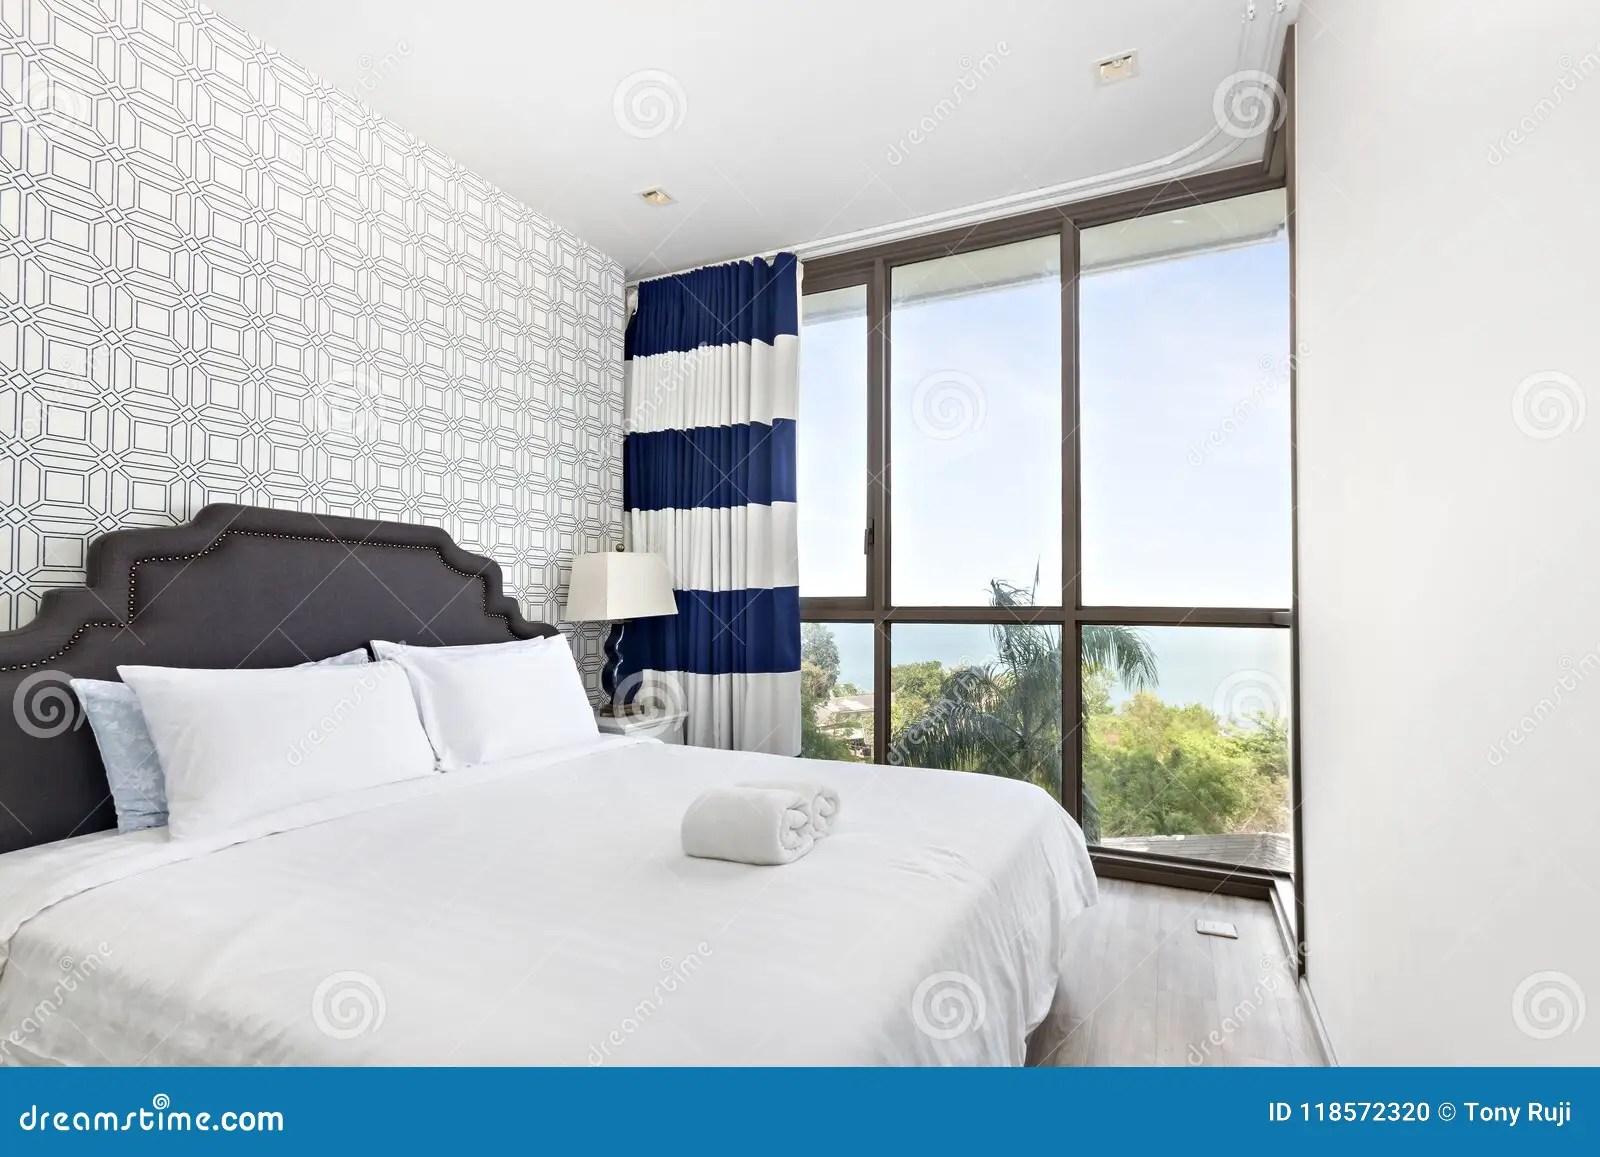 Camera Da Letto Mare | Camere E Soluzioni Abitative Del Bed And ...